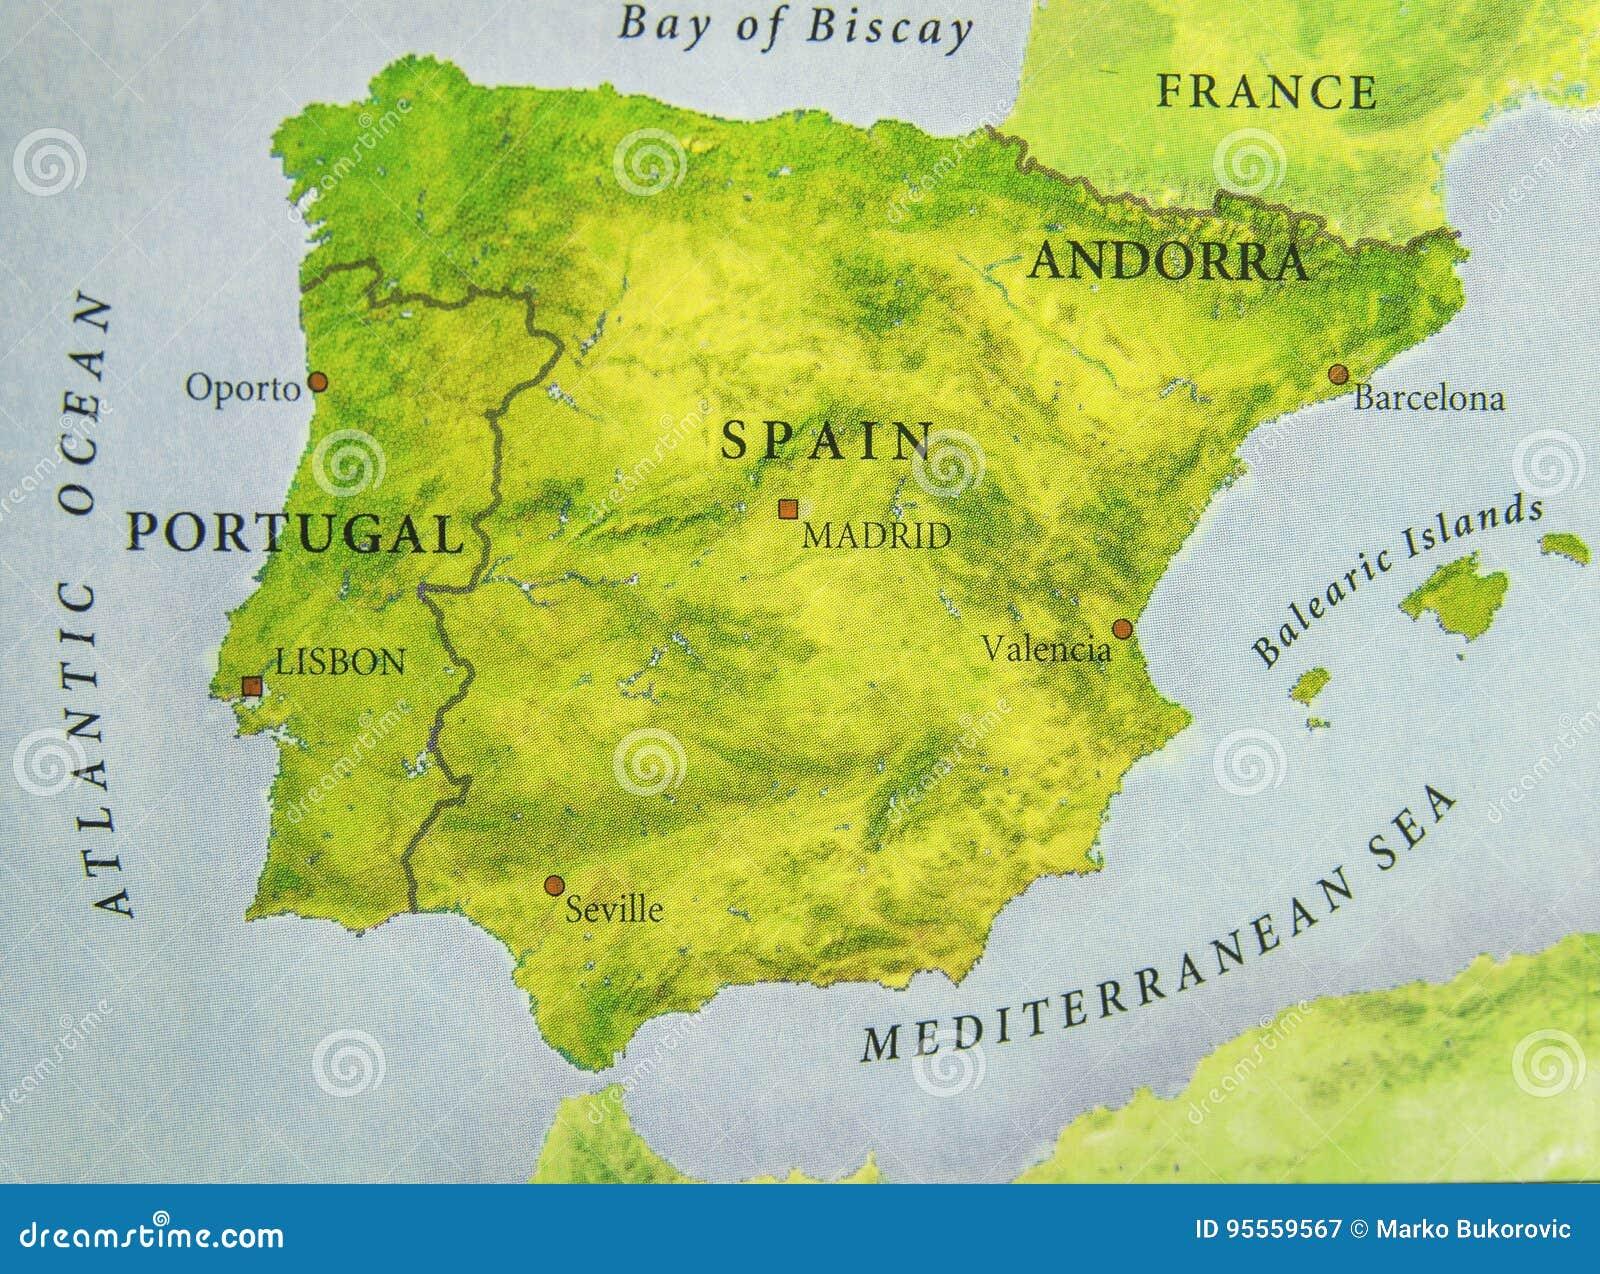 Cartina Citta Spagna.Mappa Geografica Di Paese Europeo Portogallo E Spagna Con Le